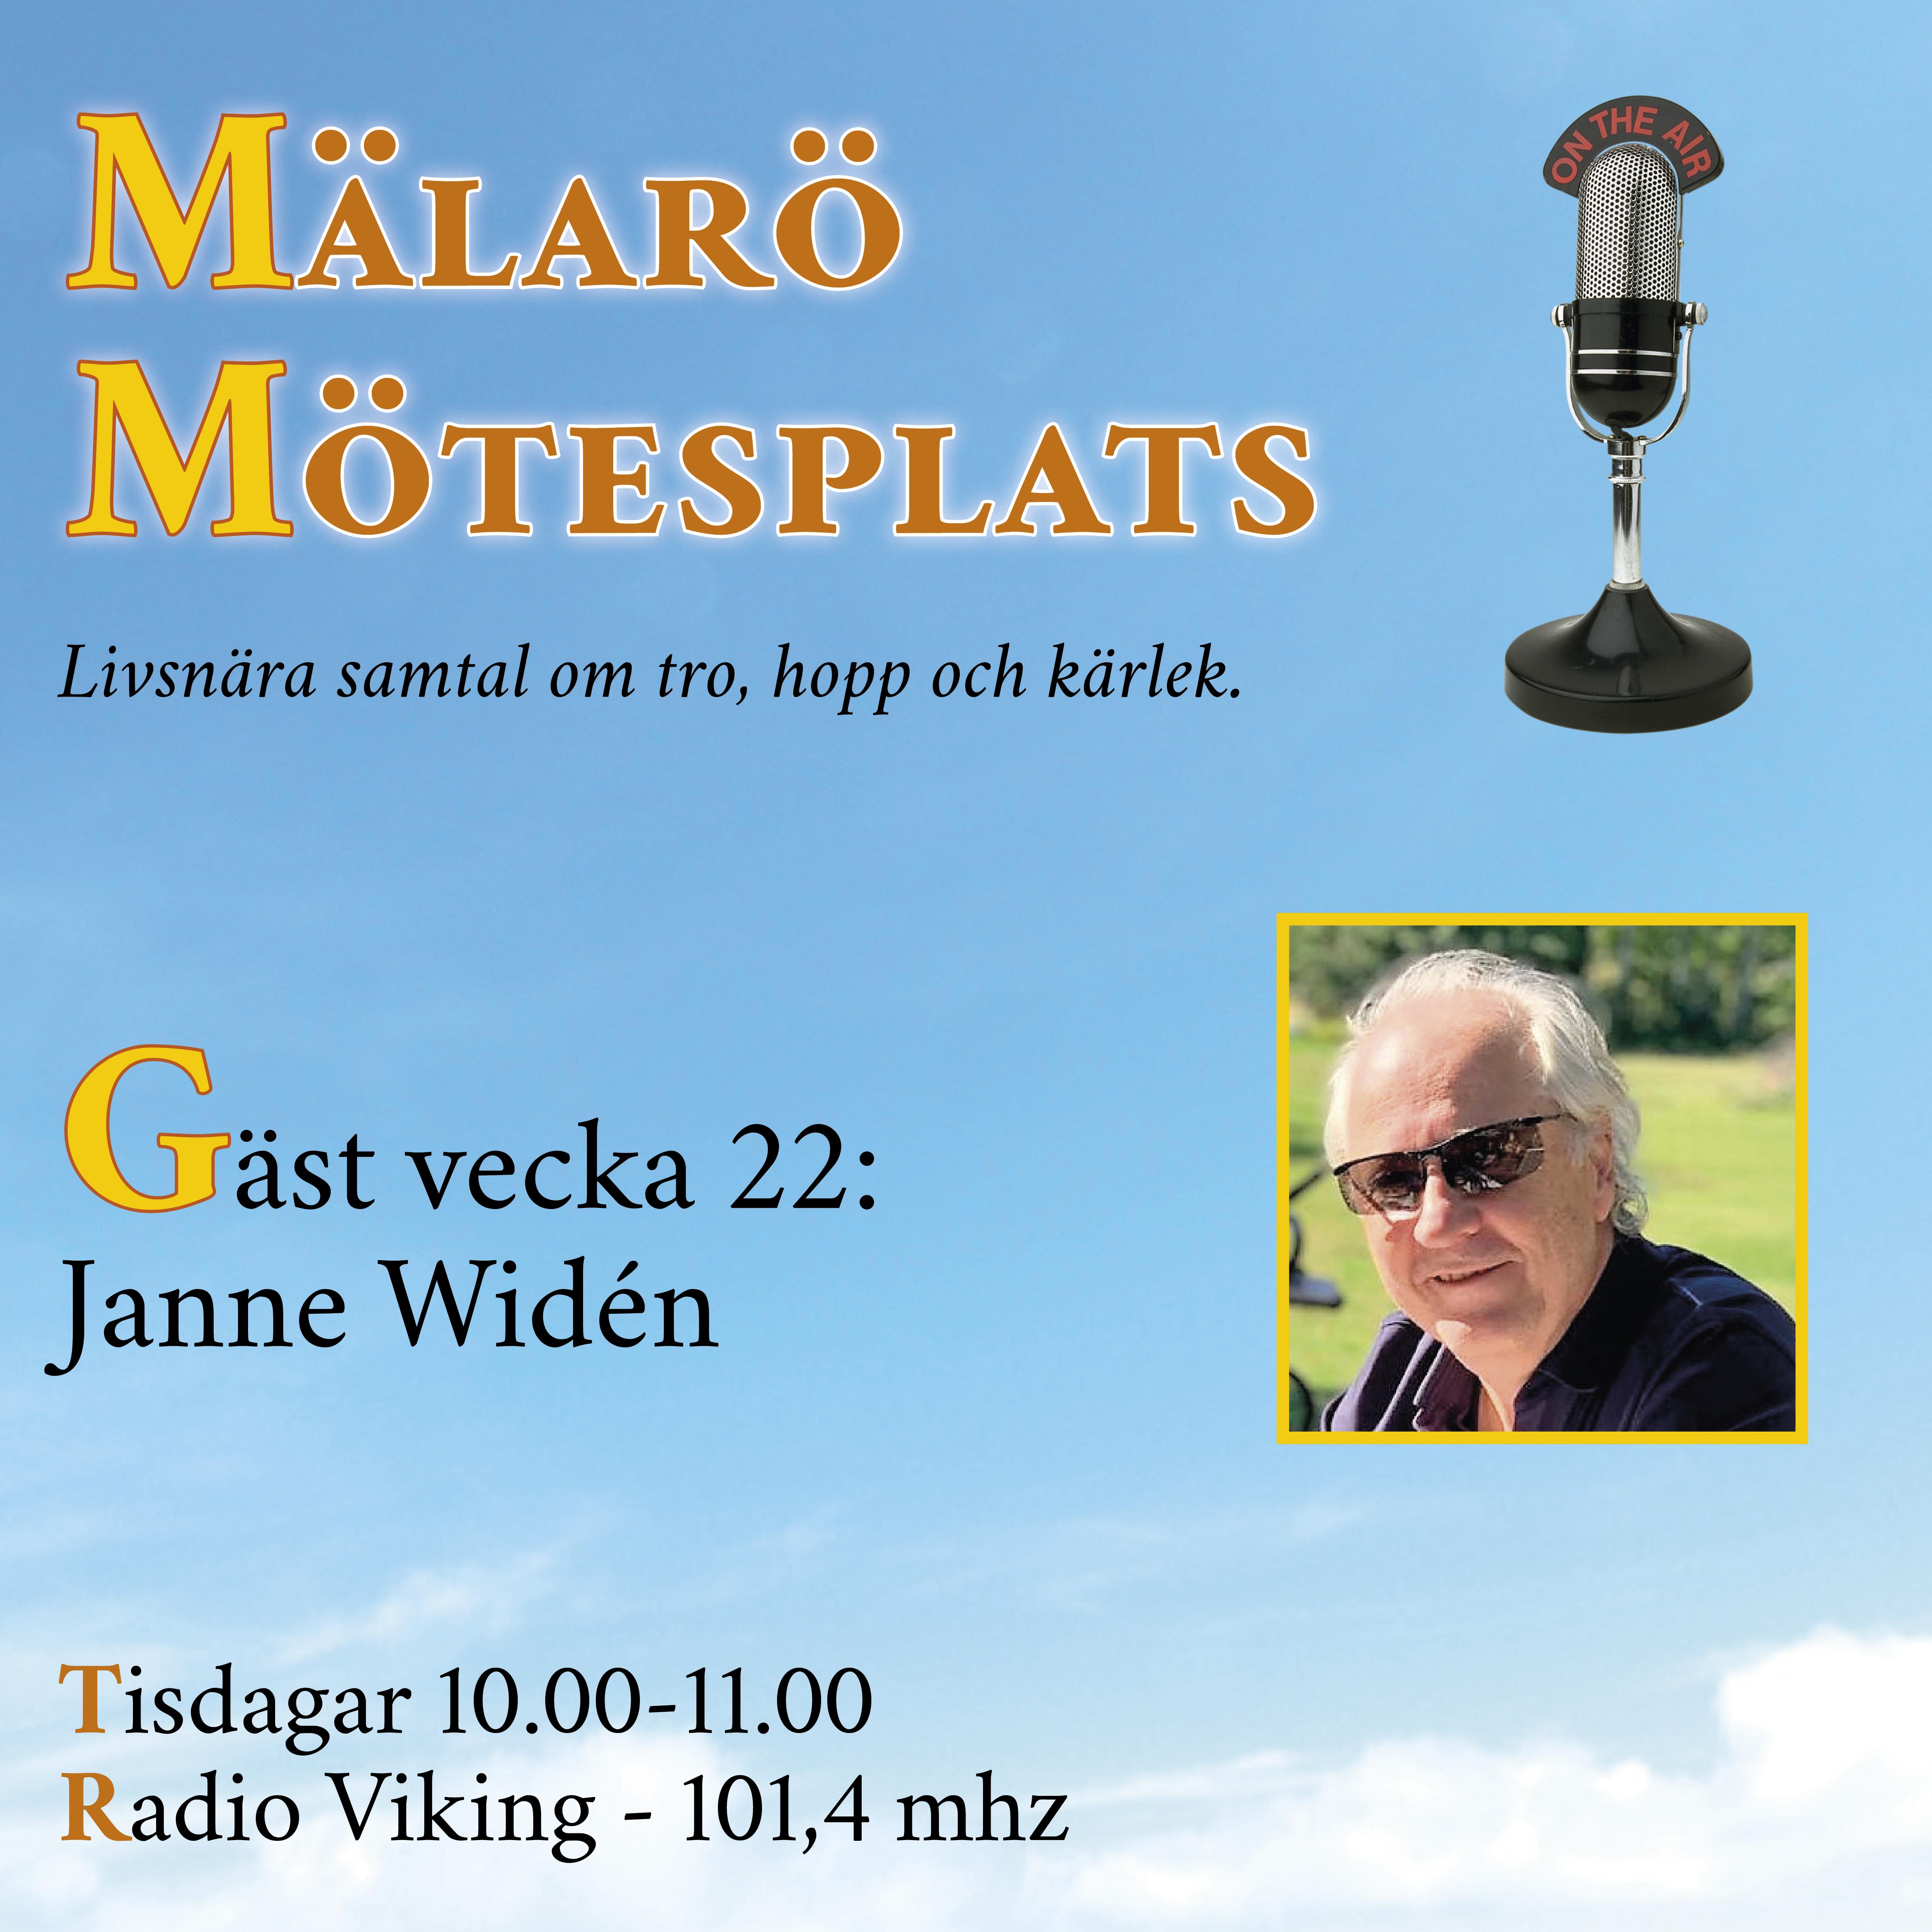 Möte med Janne Widén